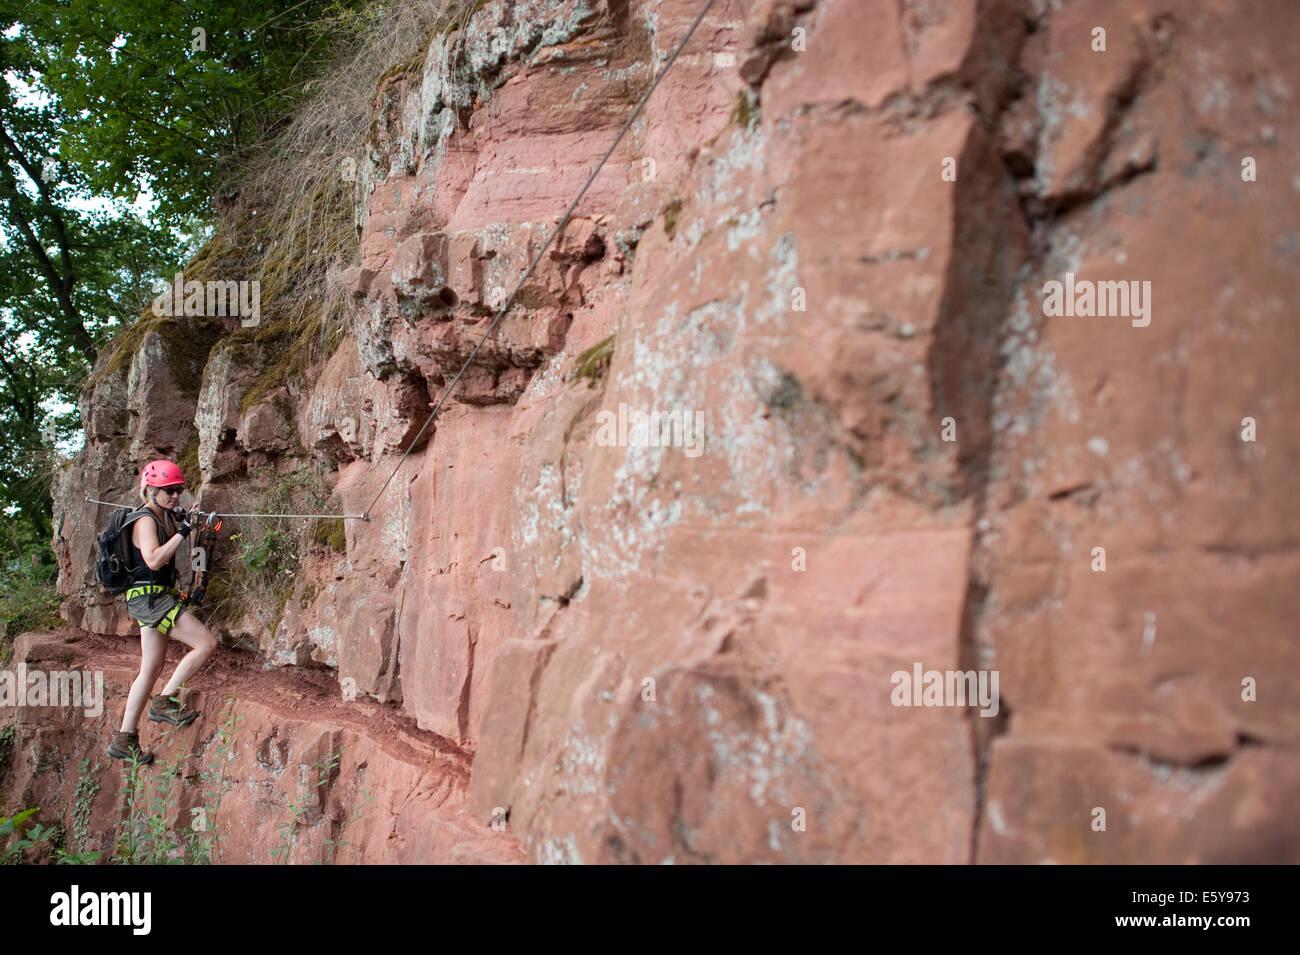 Klettersteig Franken : Ein wanderer geht der klettersteig churfrankensteig. juli 2014